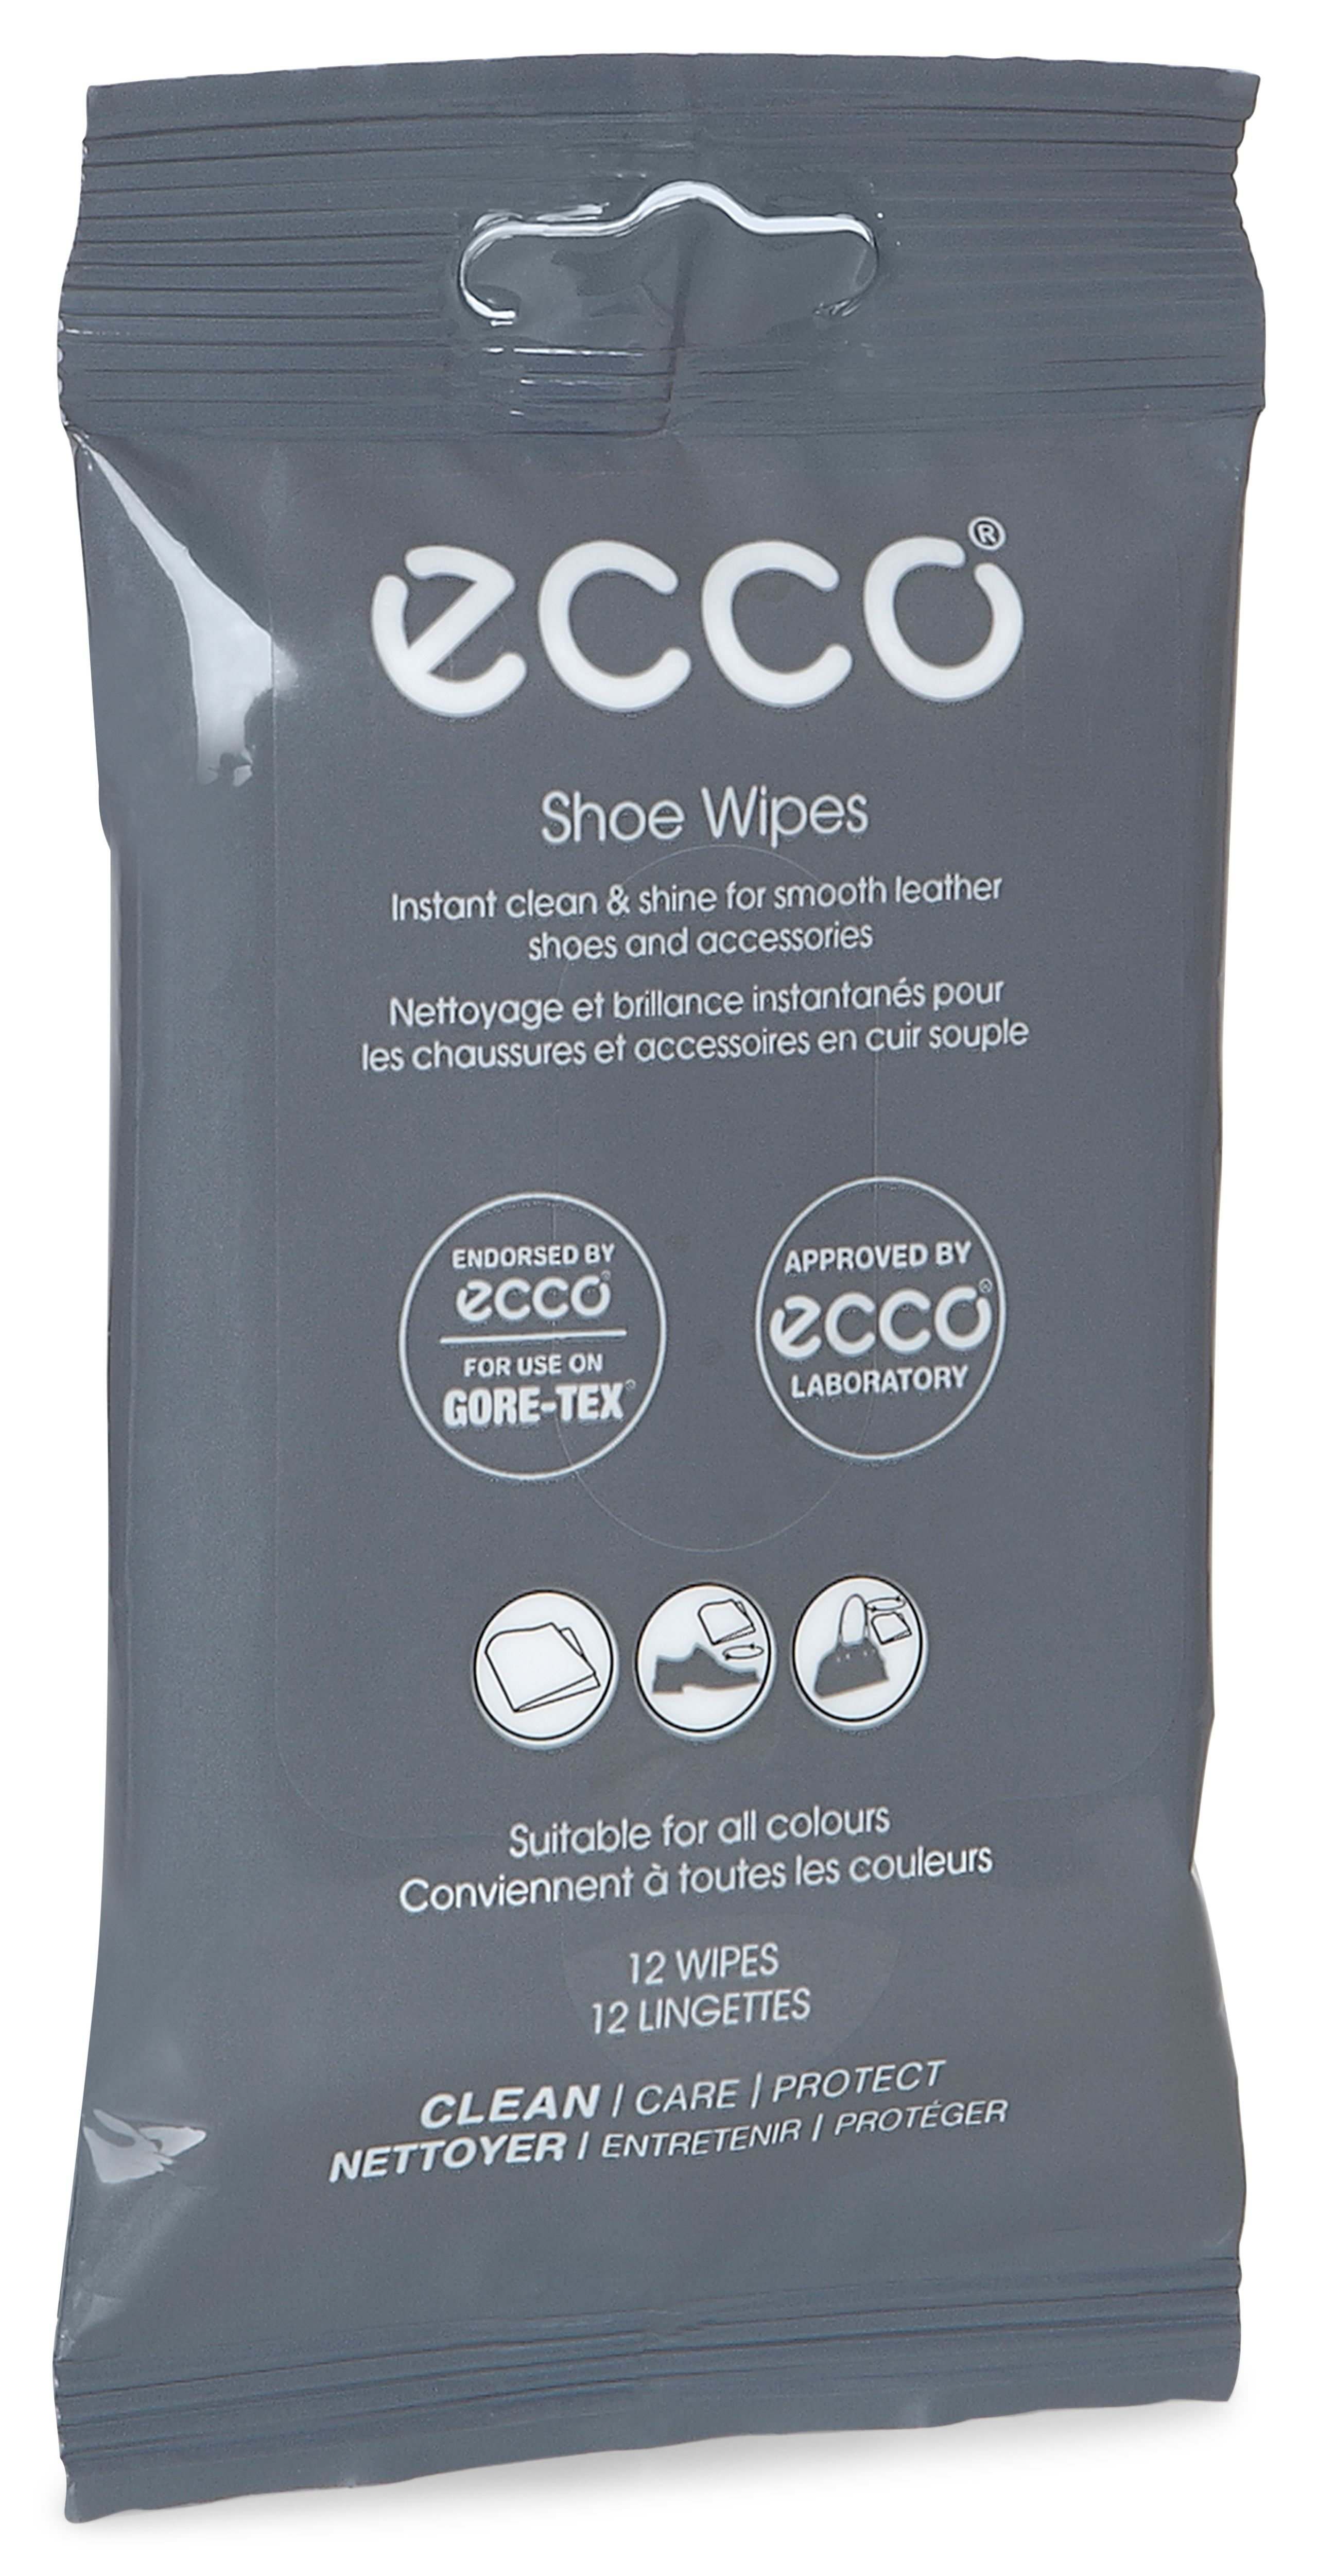 Shoe Wipes - ECCO.com